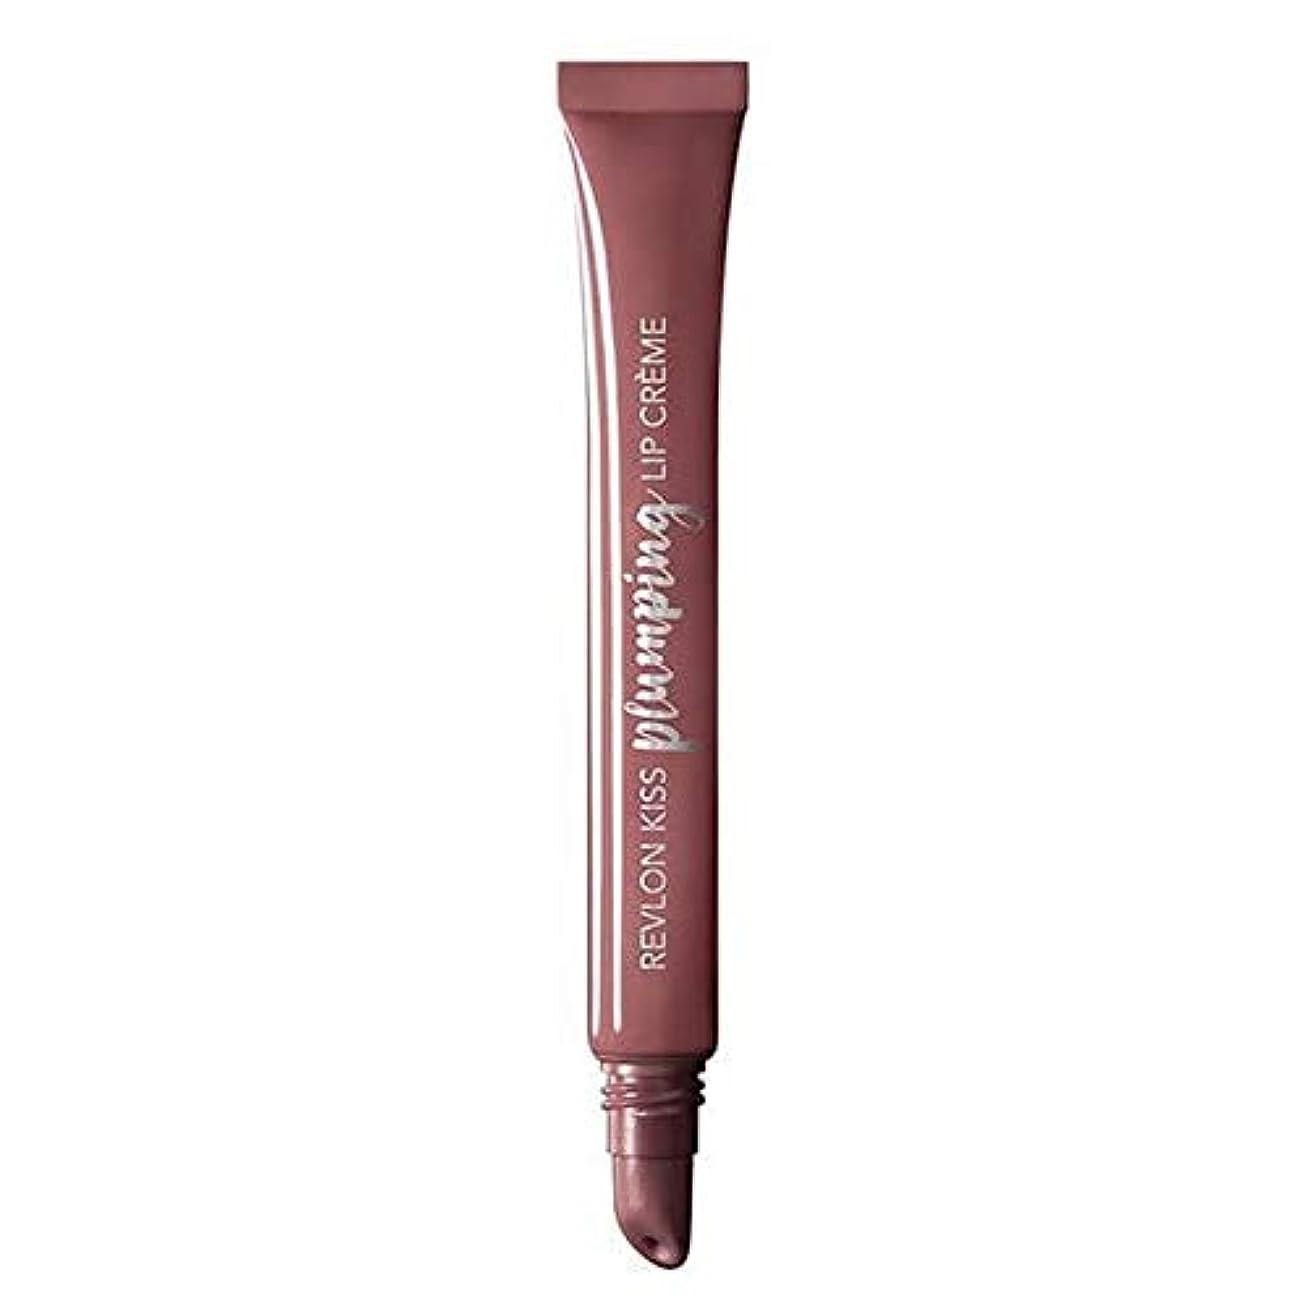 満足原油一人で[Revlon ] レブロンキス膨化リップクリームのベルベットのミンク - Revlon Kiss Plumping Lip Cr?me Velvet Mink [並行輸入品]